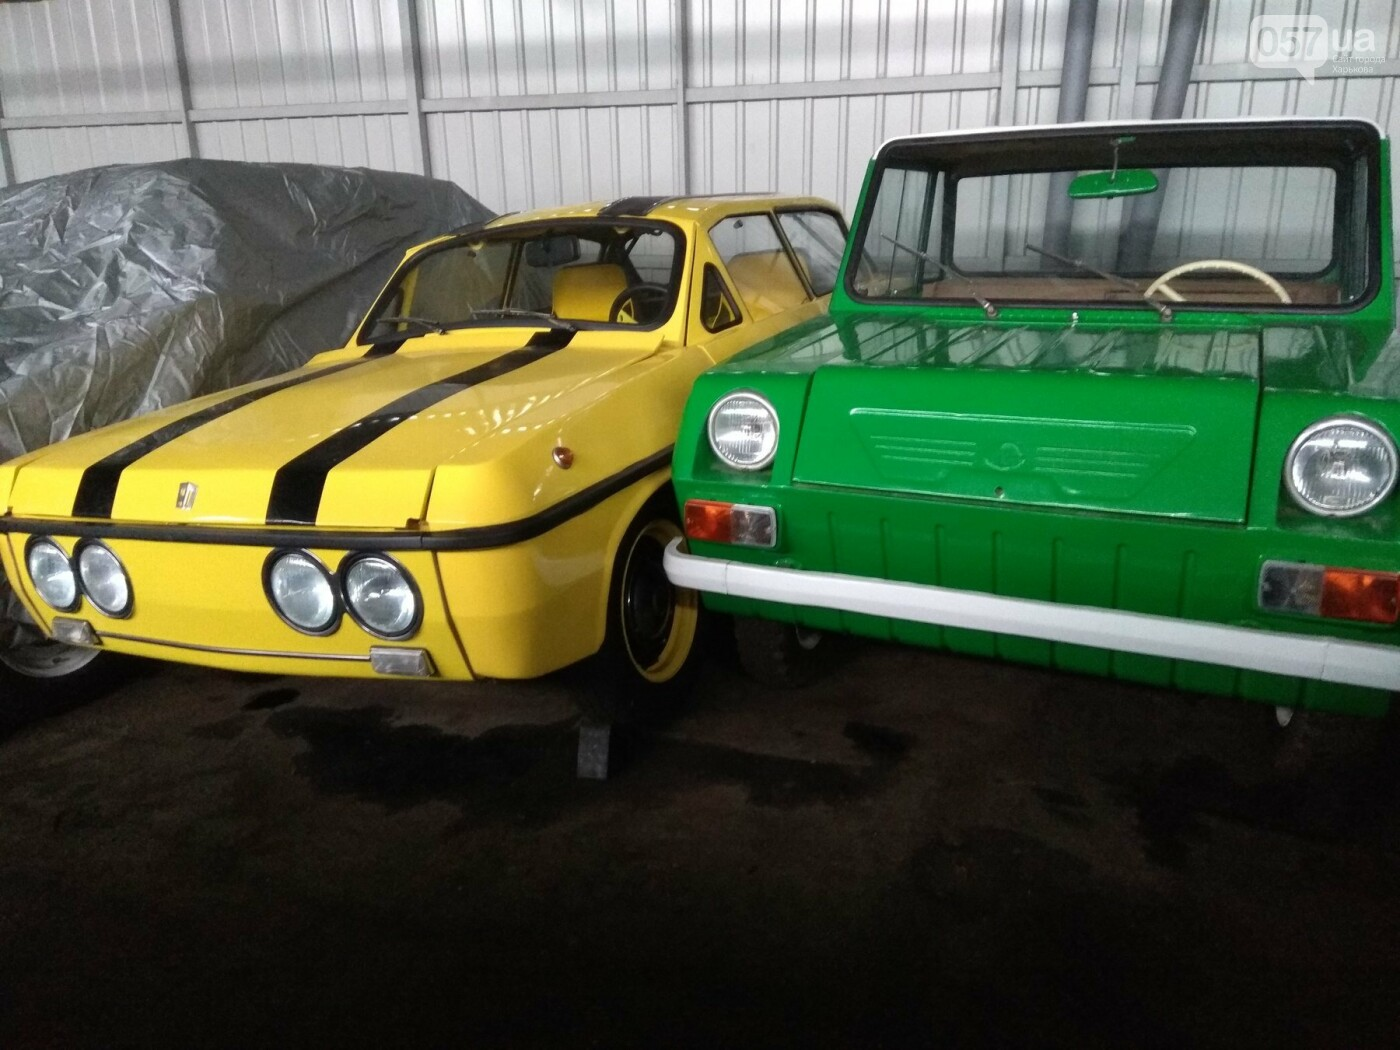 «Buick» Буденного и самодельные машины: как харьковчанин собрал коллекцию из 100 ретро-автомобилей, - ФОТО, фото-8